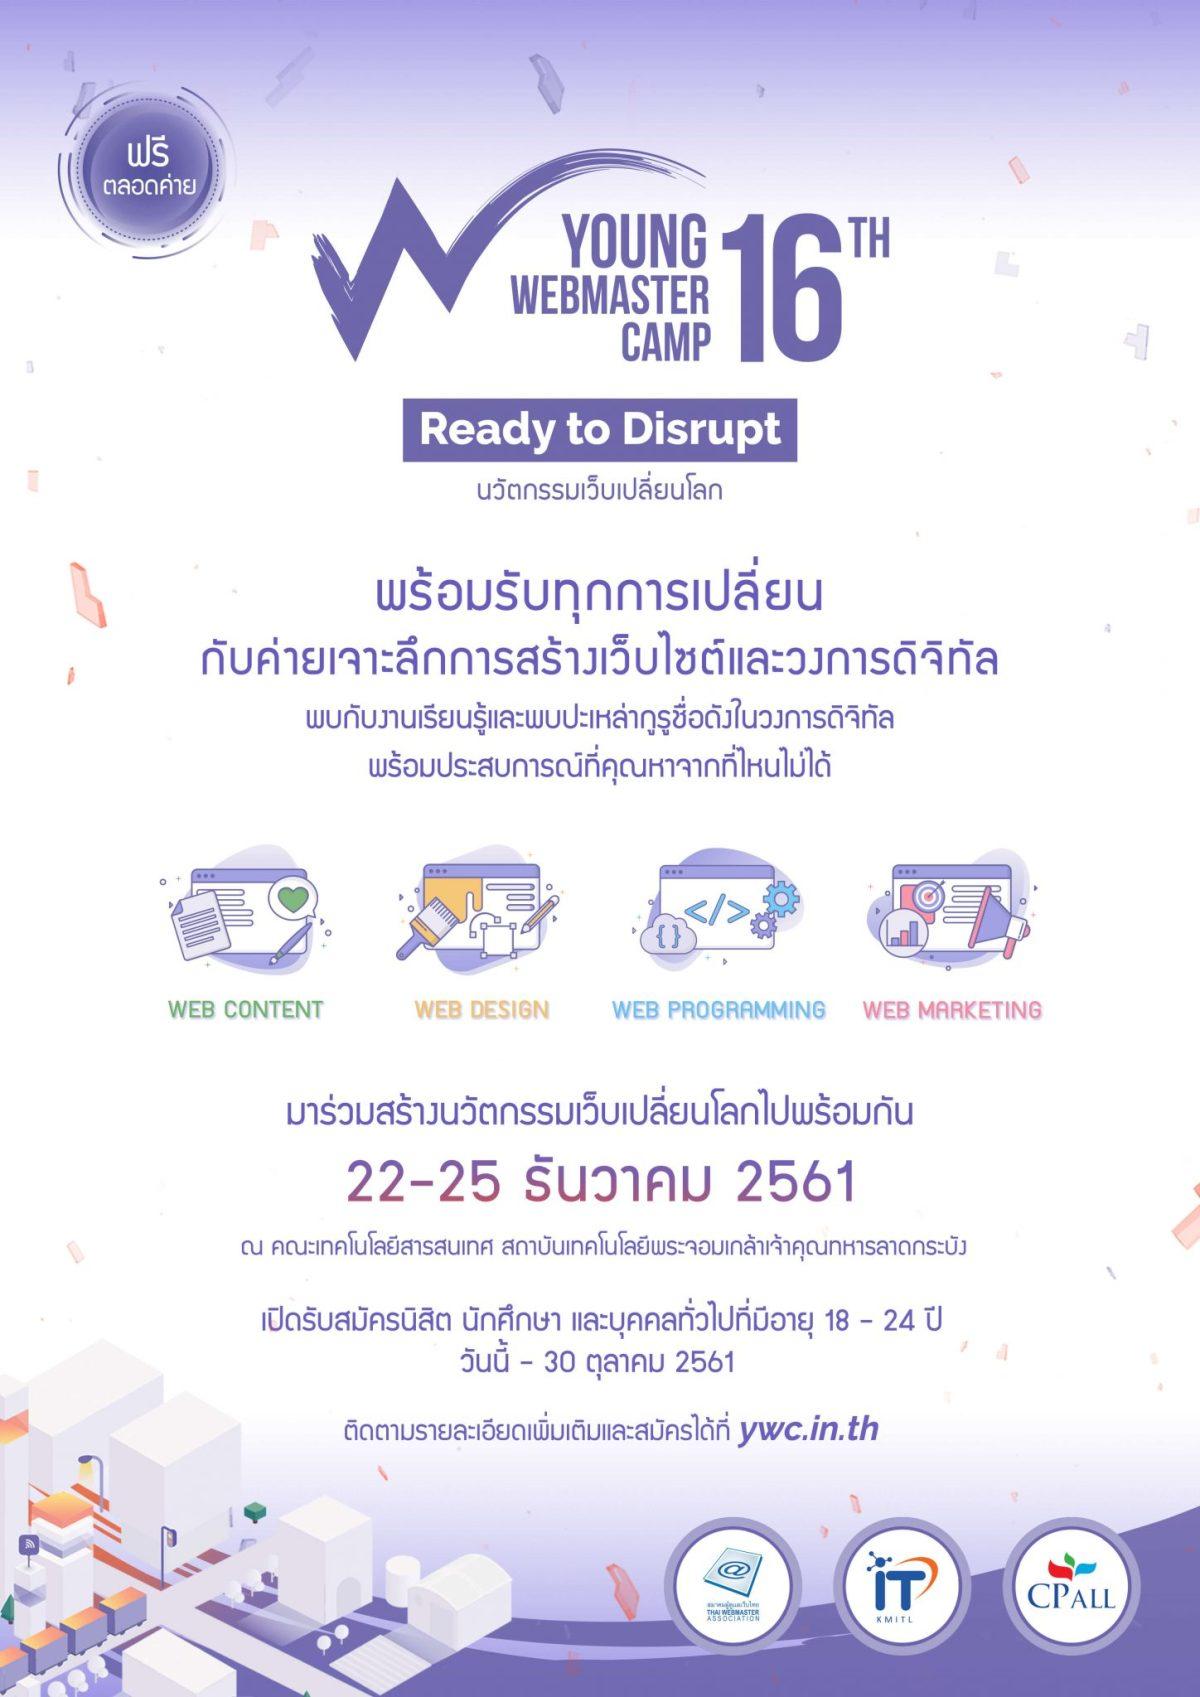 เปิดรับสมัคร ค่ายเจาะลึกวิชาชีพเว็บมาสเตอร์ ครั้งที่ 16 (16th Young Webmaster Camp) 14 -